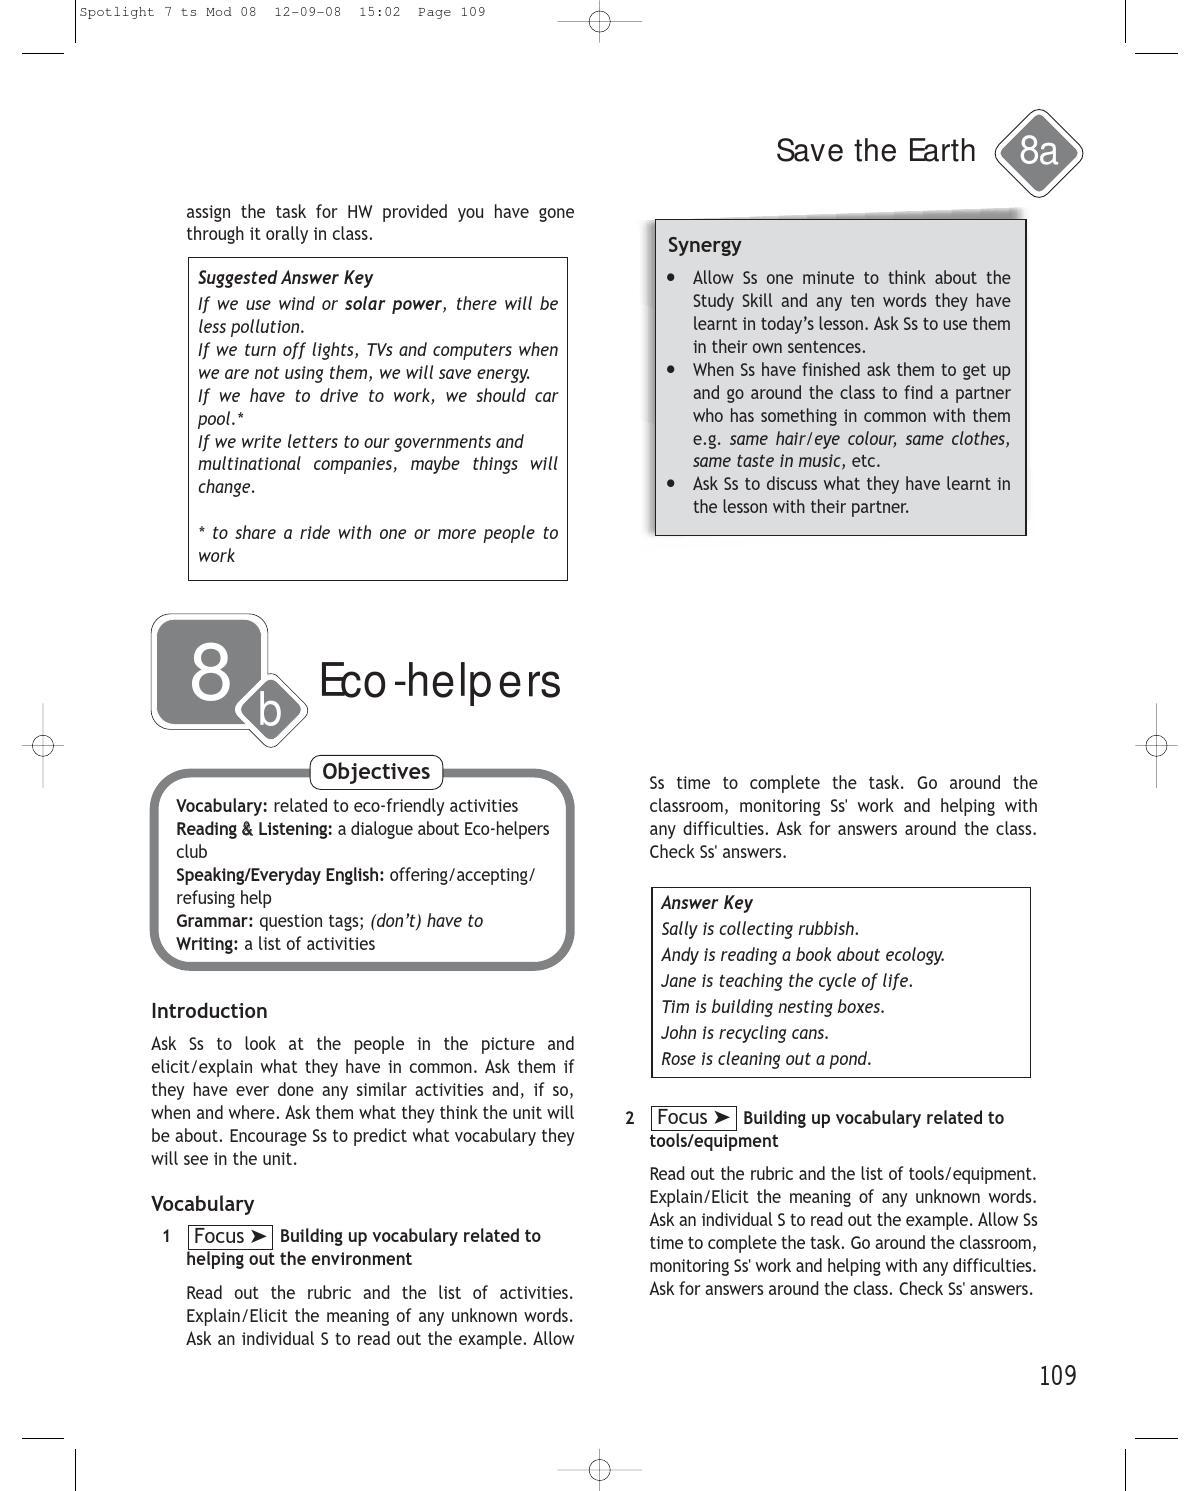 Решебник Spotlight 7 Класс Онлайн Ответы